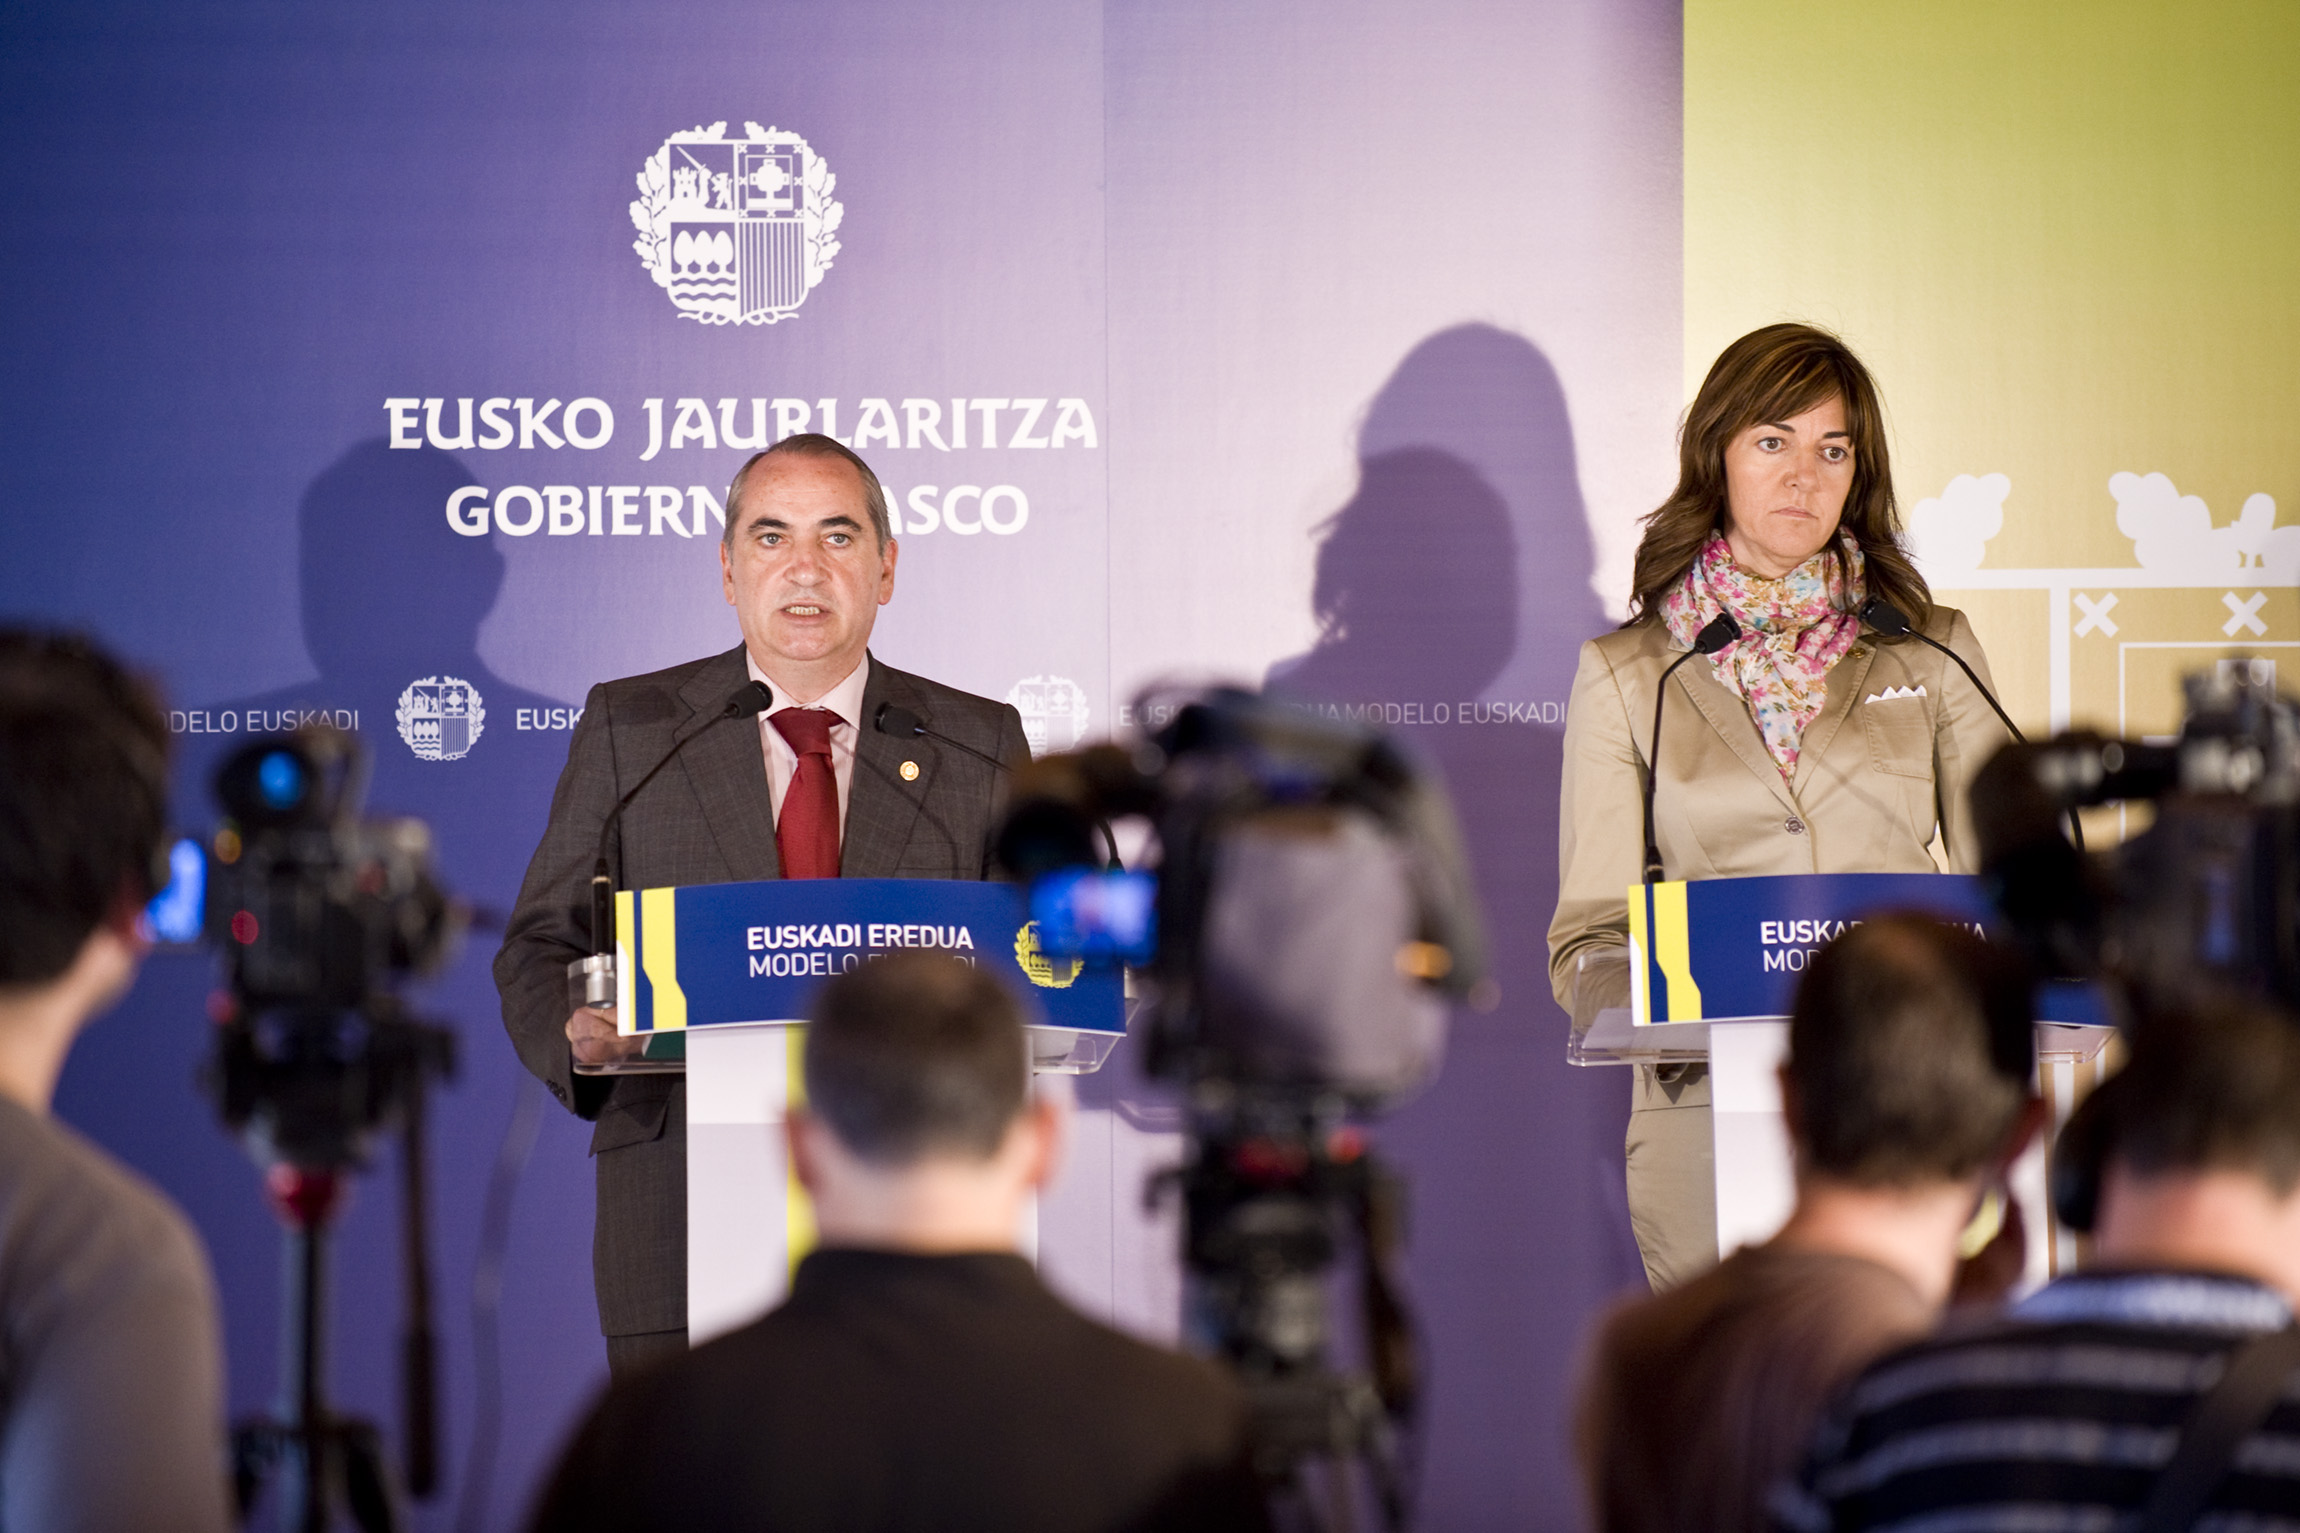 2012_06_05_prensa_gobierno_015.jpg